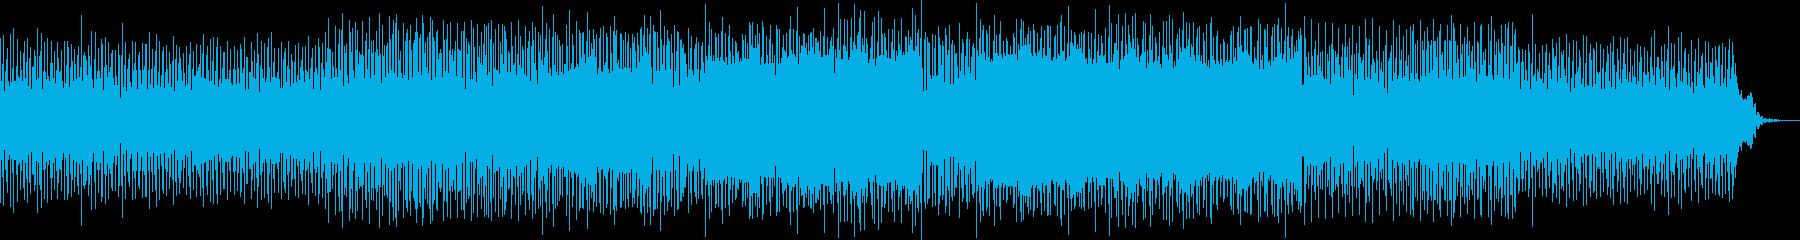 不思議な曲調ですの再生済みの波形